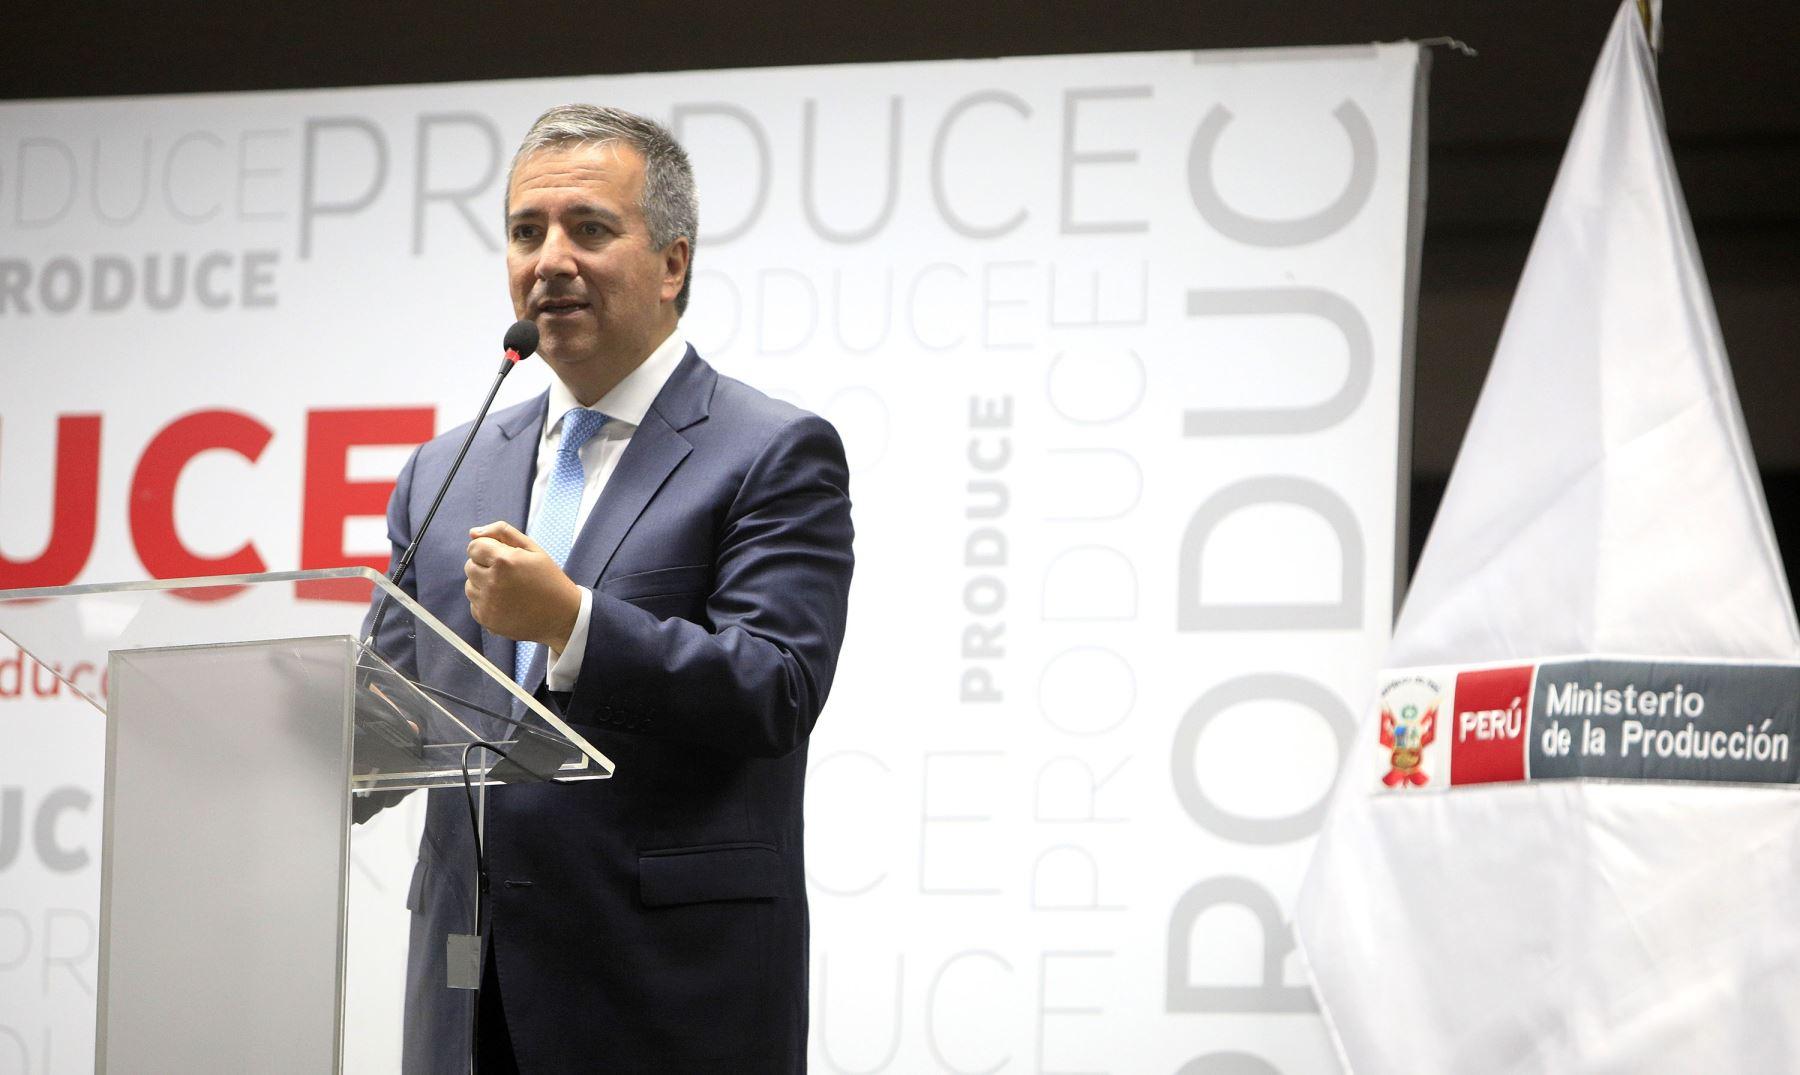 Ministro de la Producción Raúl Pérez-Reyes. Cortesía.